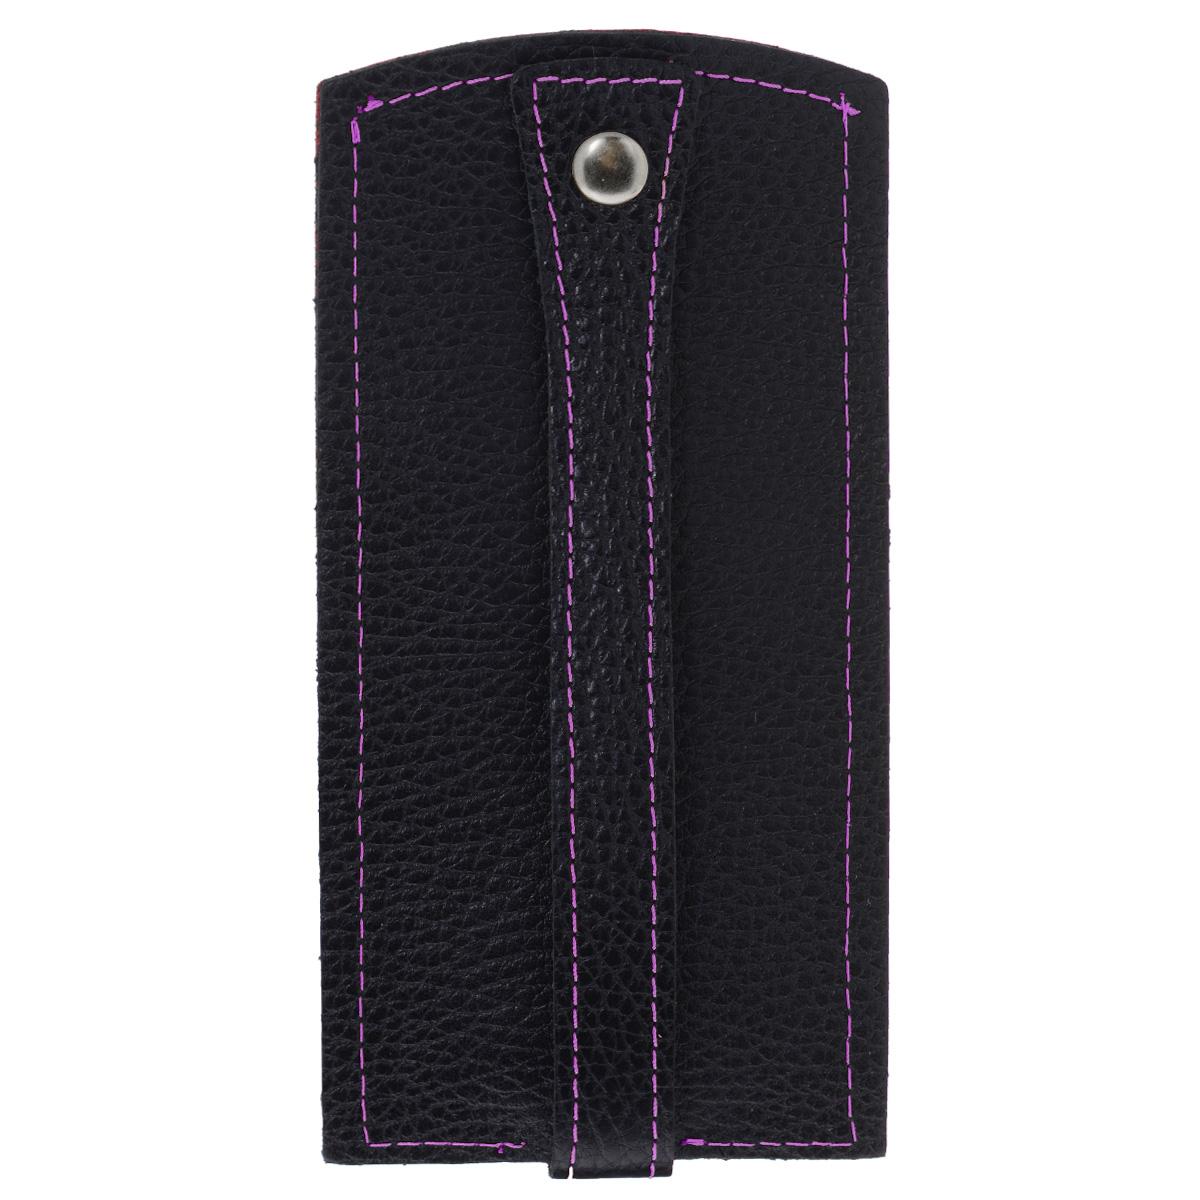 Ключница Dimanche Mumi, цвет: черный, фиолетовый. 056056Изысканная ключница Dimanche Mumi изготовлена из высококачественной натуральной кожи и декорирована фактурным тиснением. Изделие закрывается хлястиком на кнопку. На нижнем конце хлястика расположено металлическое кольцо для крепления ключей. Ключница упакована в пластиковый чехол. Модная ключница прекрасно дополнит ваш образ и станет незаменимым аксессуаром на каждый день.